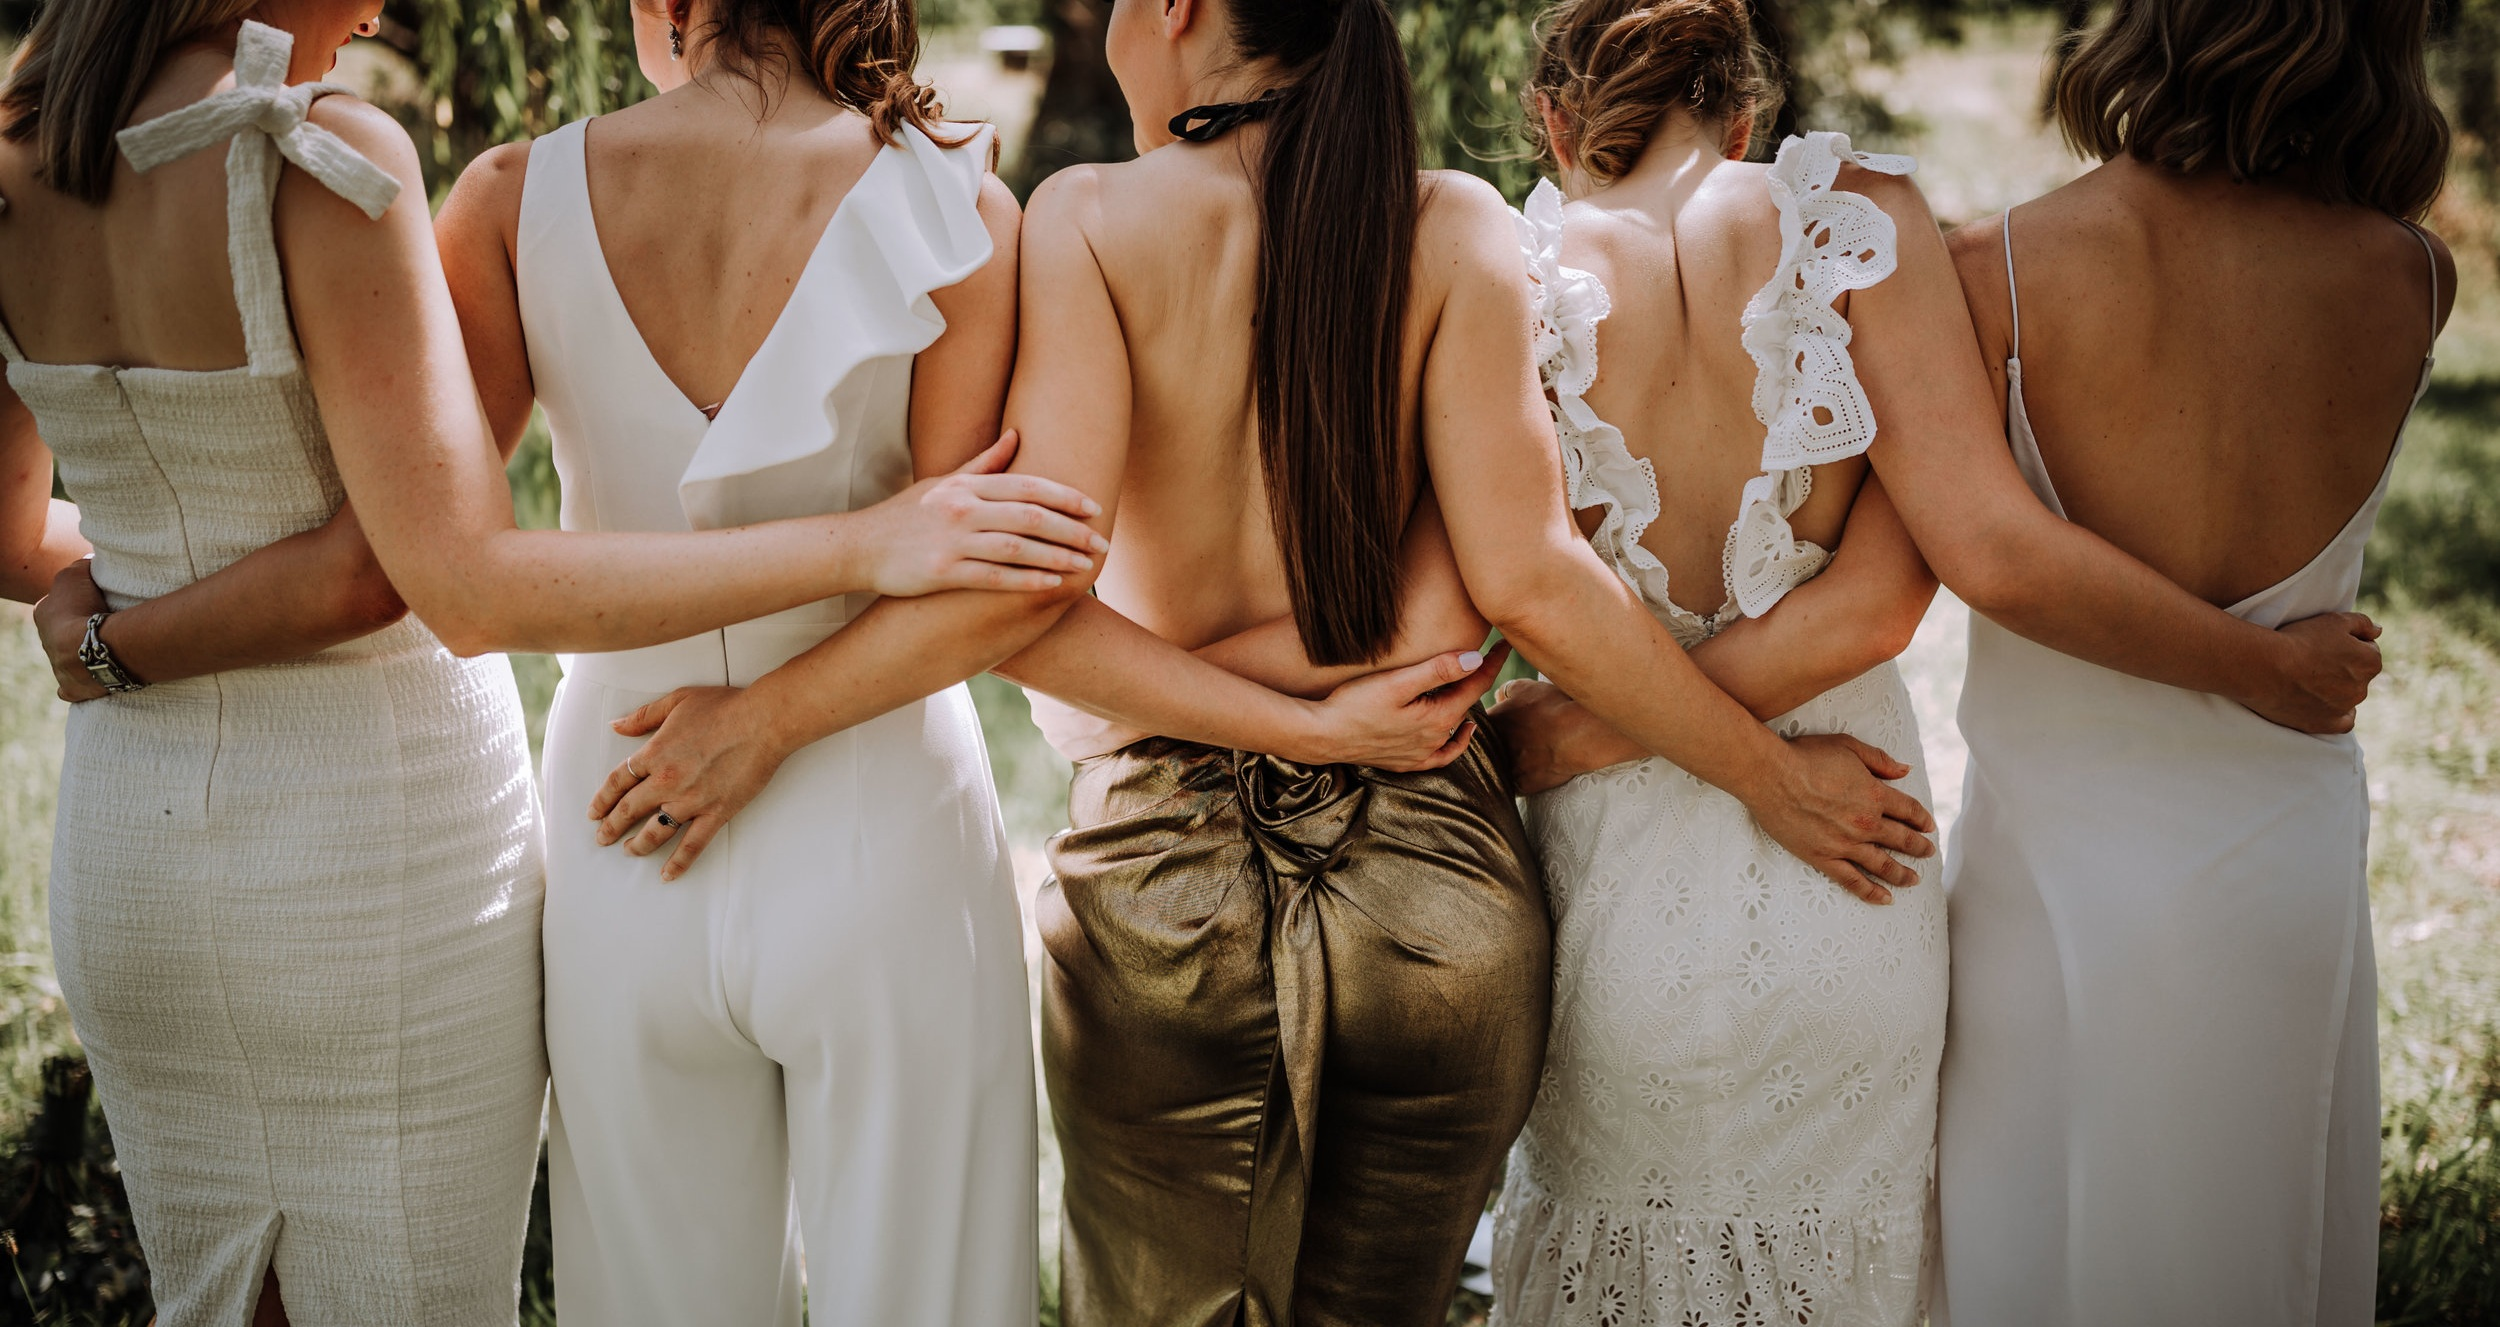 Lauren%26Jarrod_weddingSMALLRES+%28290+of+714%29.jpg